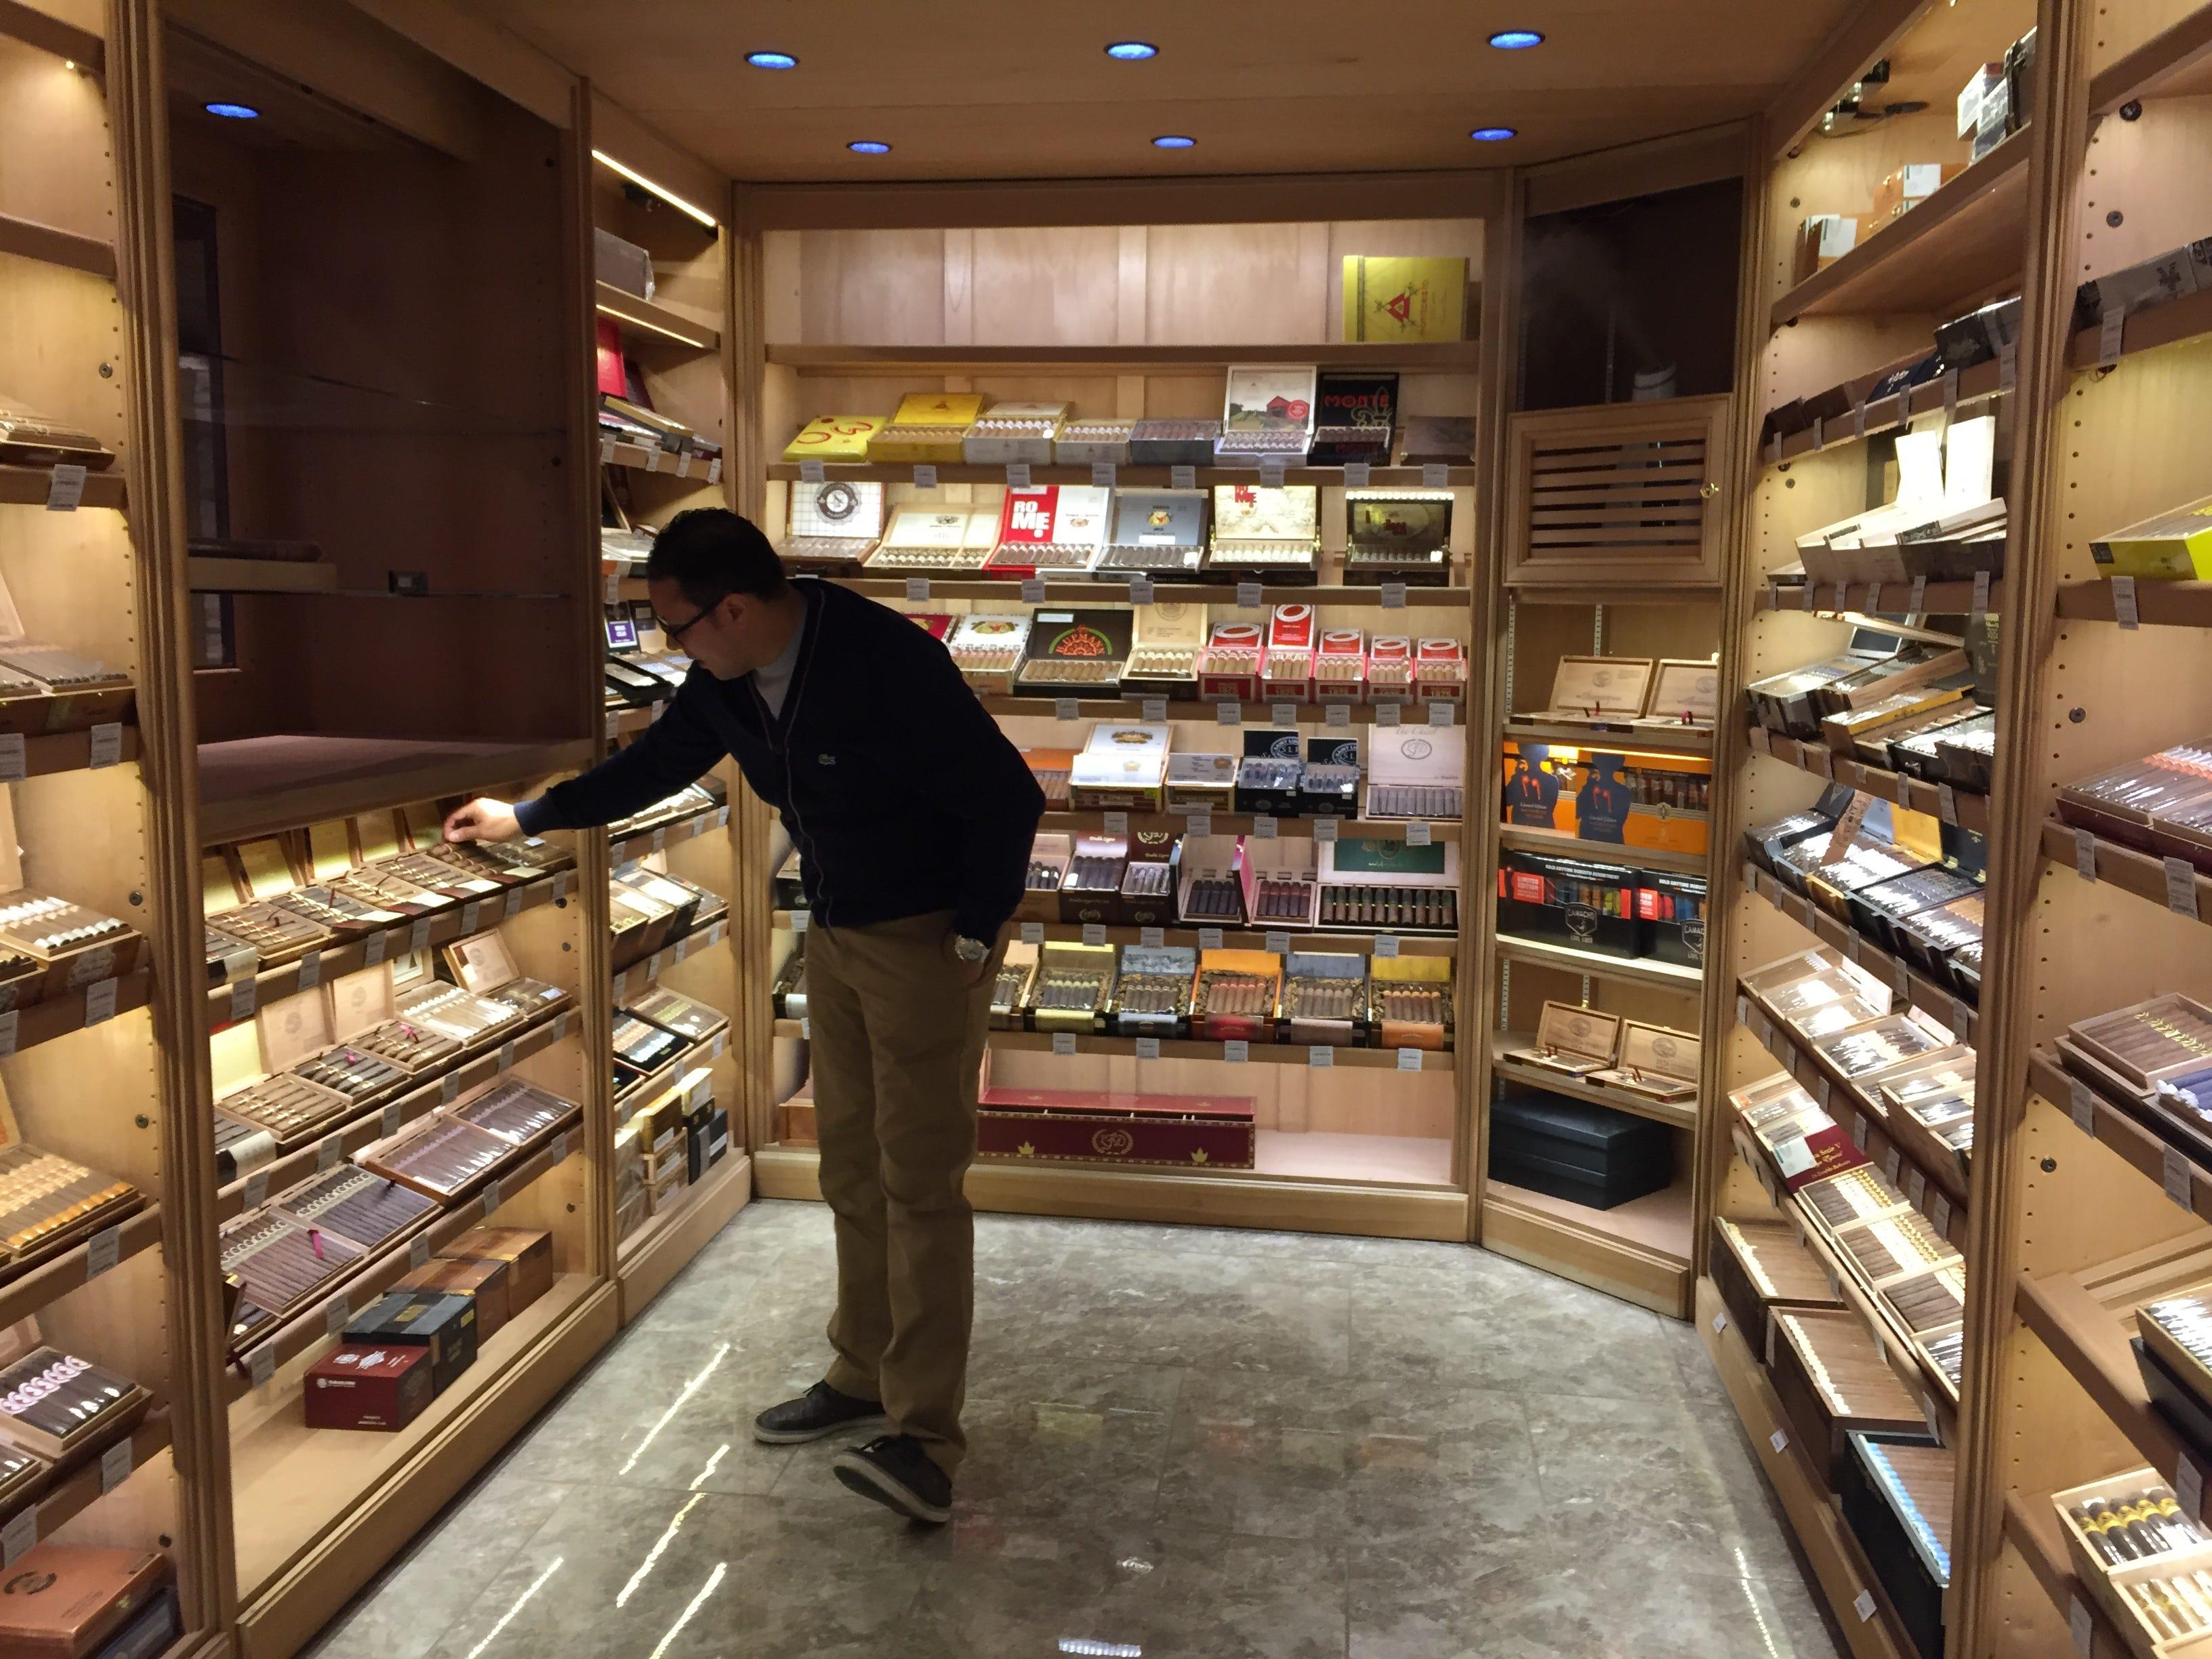 Casa blanca cigars